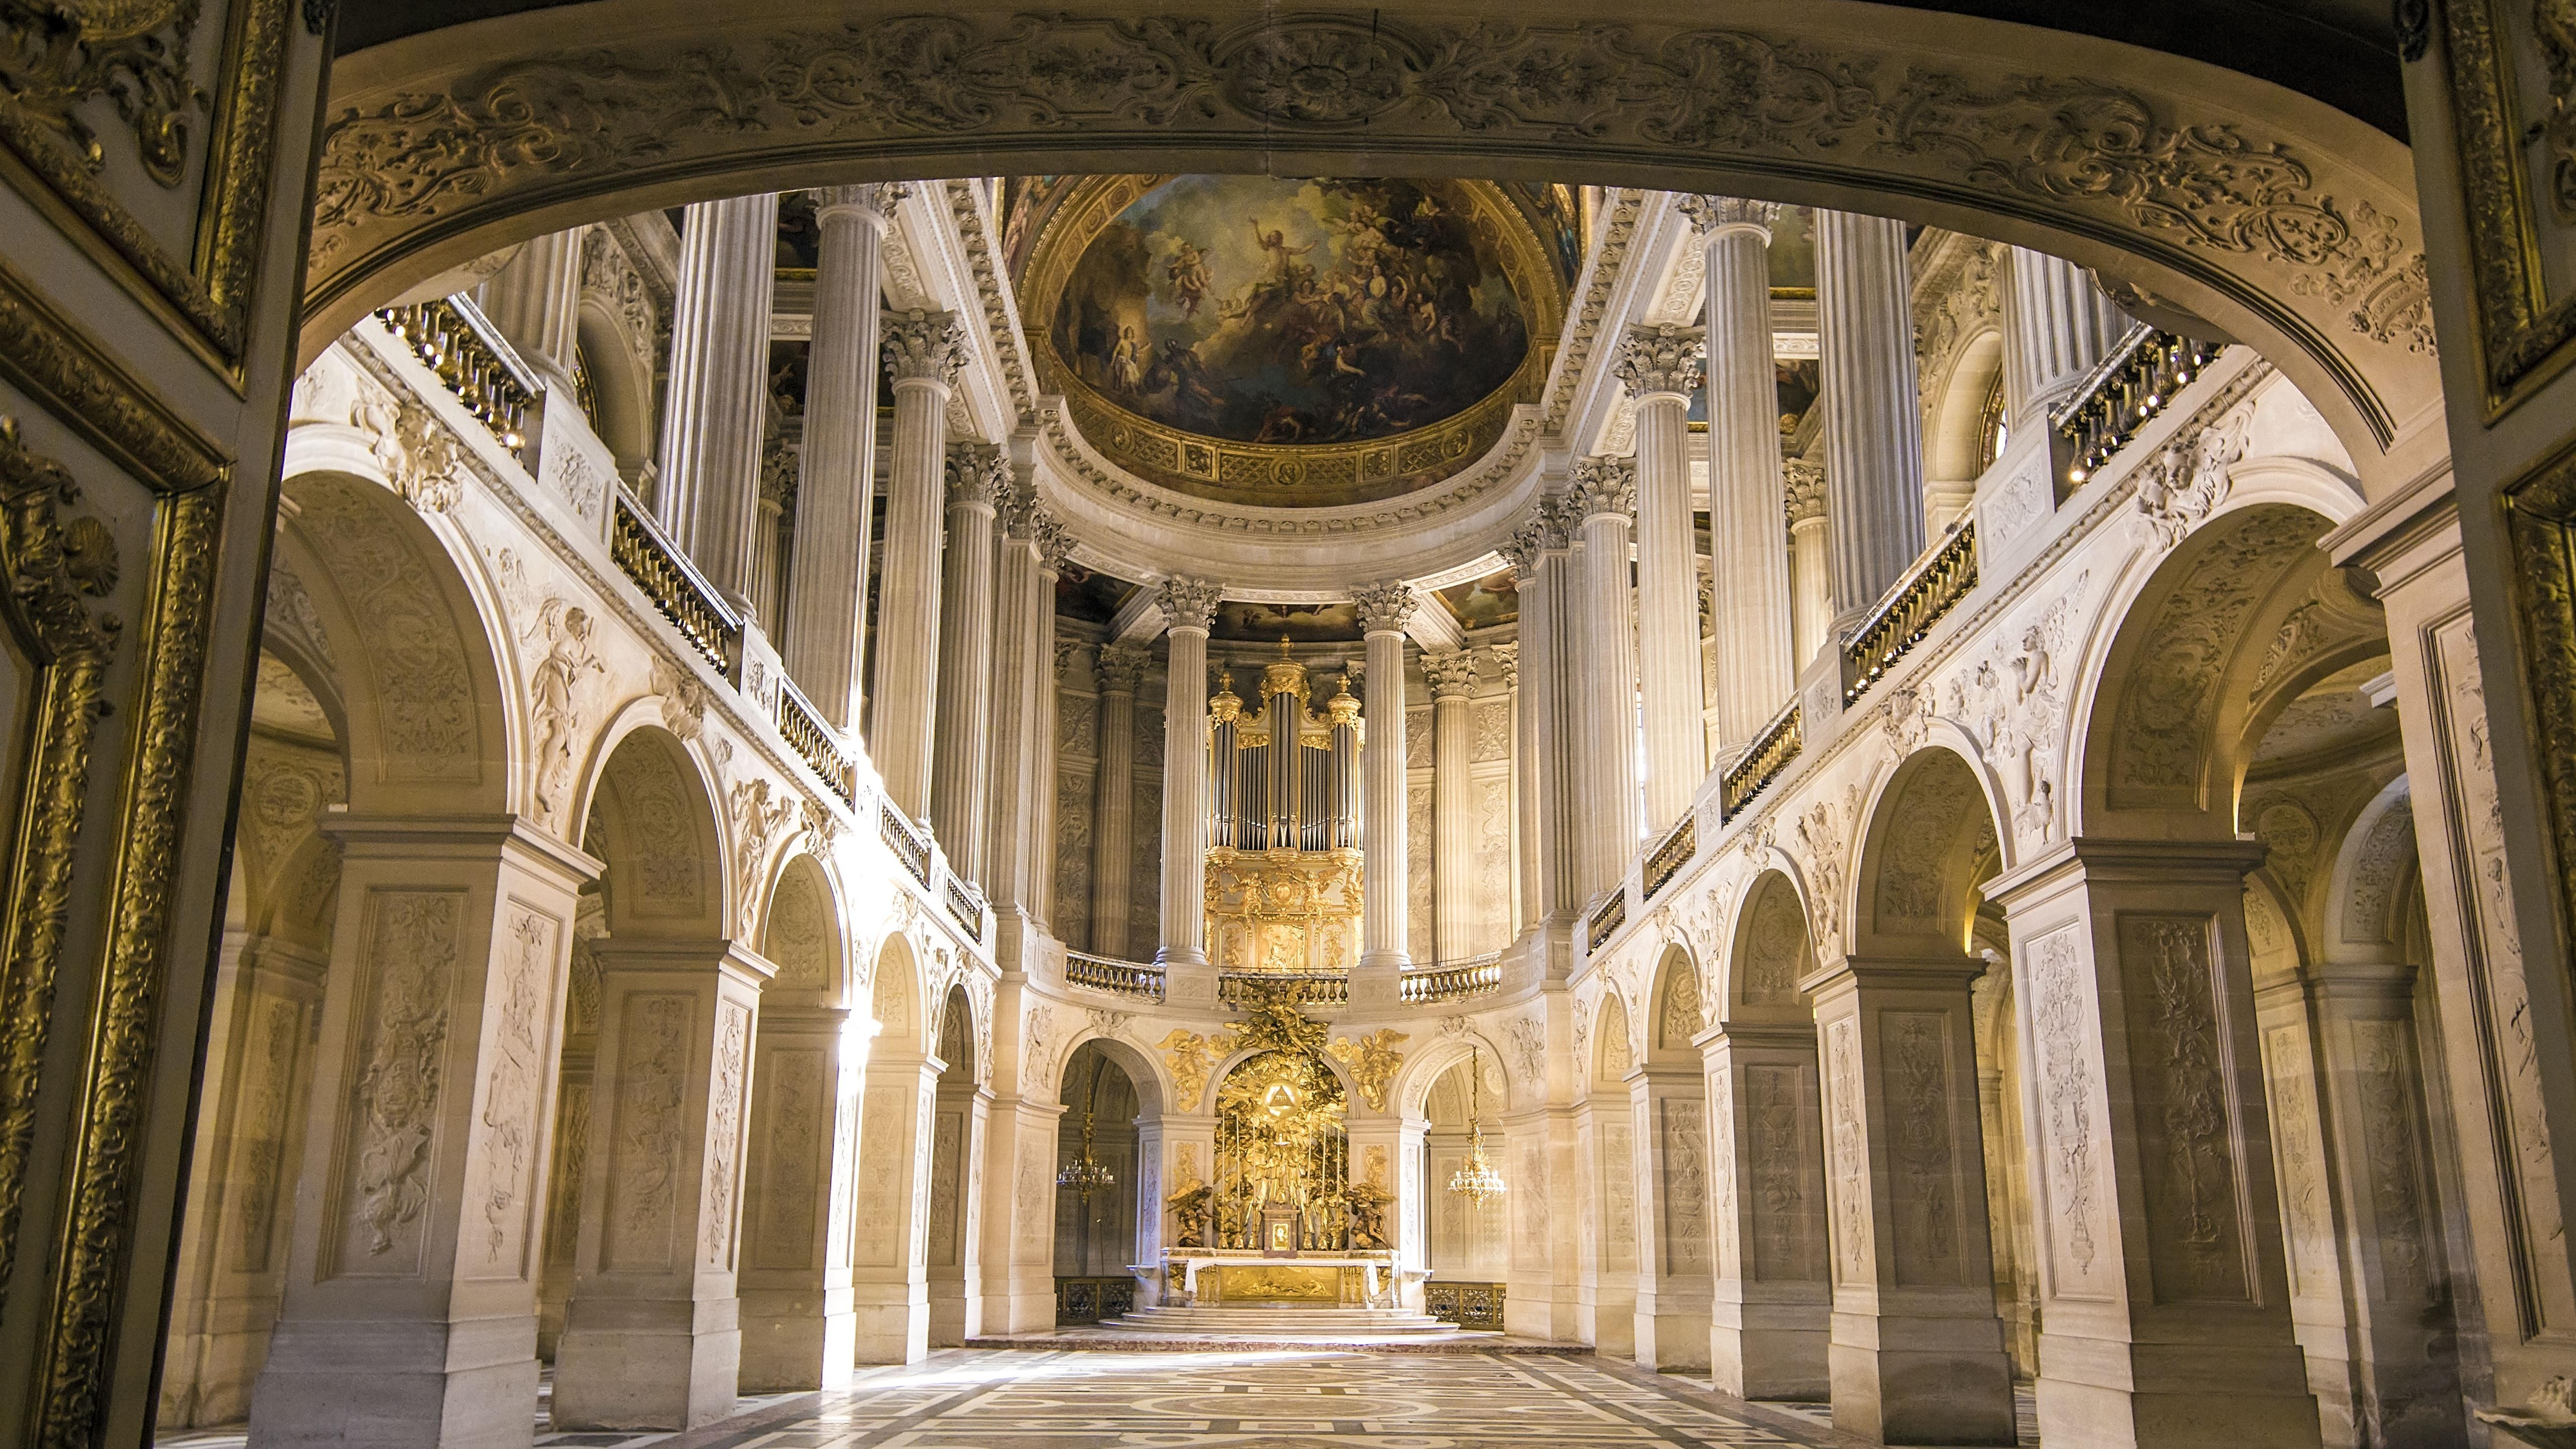 壁纸 法国巴黎凡尔赛宫 5120x2880 Uhd 5k 高清壁纸 图片 照片